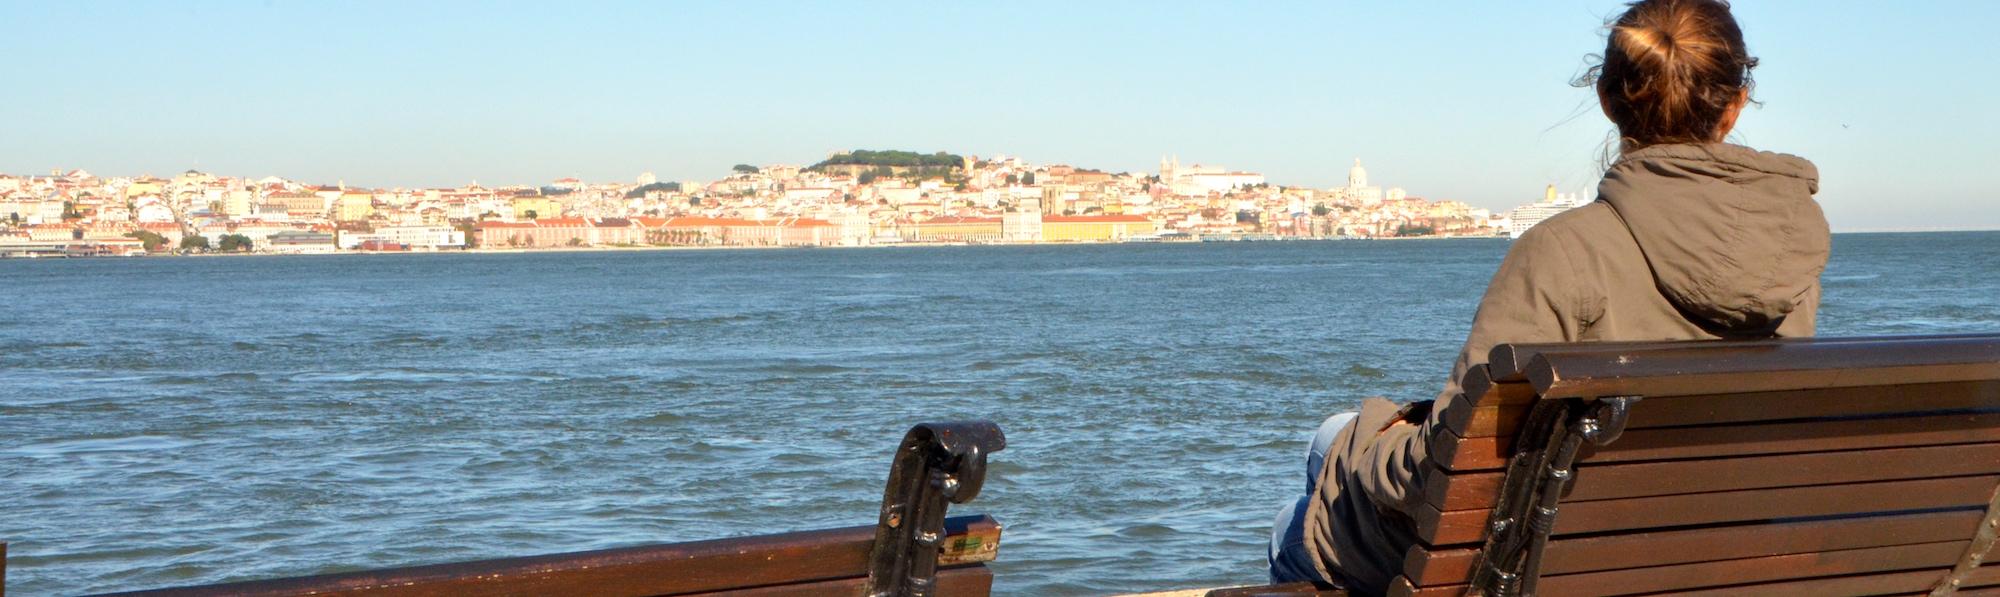 Paseo en barca Rio Cacilhas, Barrio Estrela, Lisboa